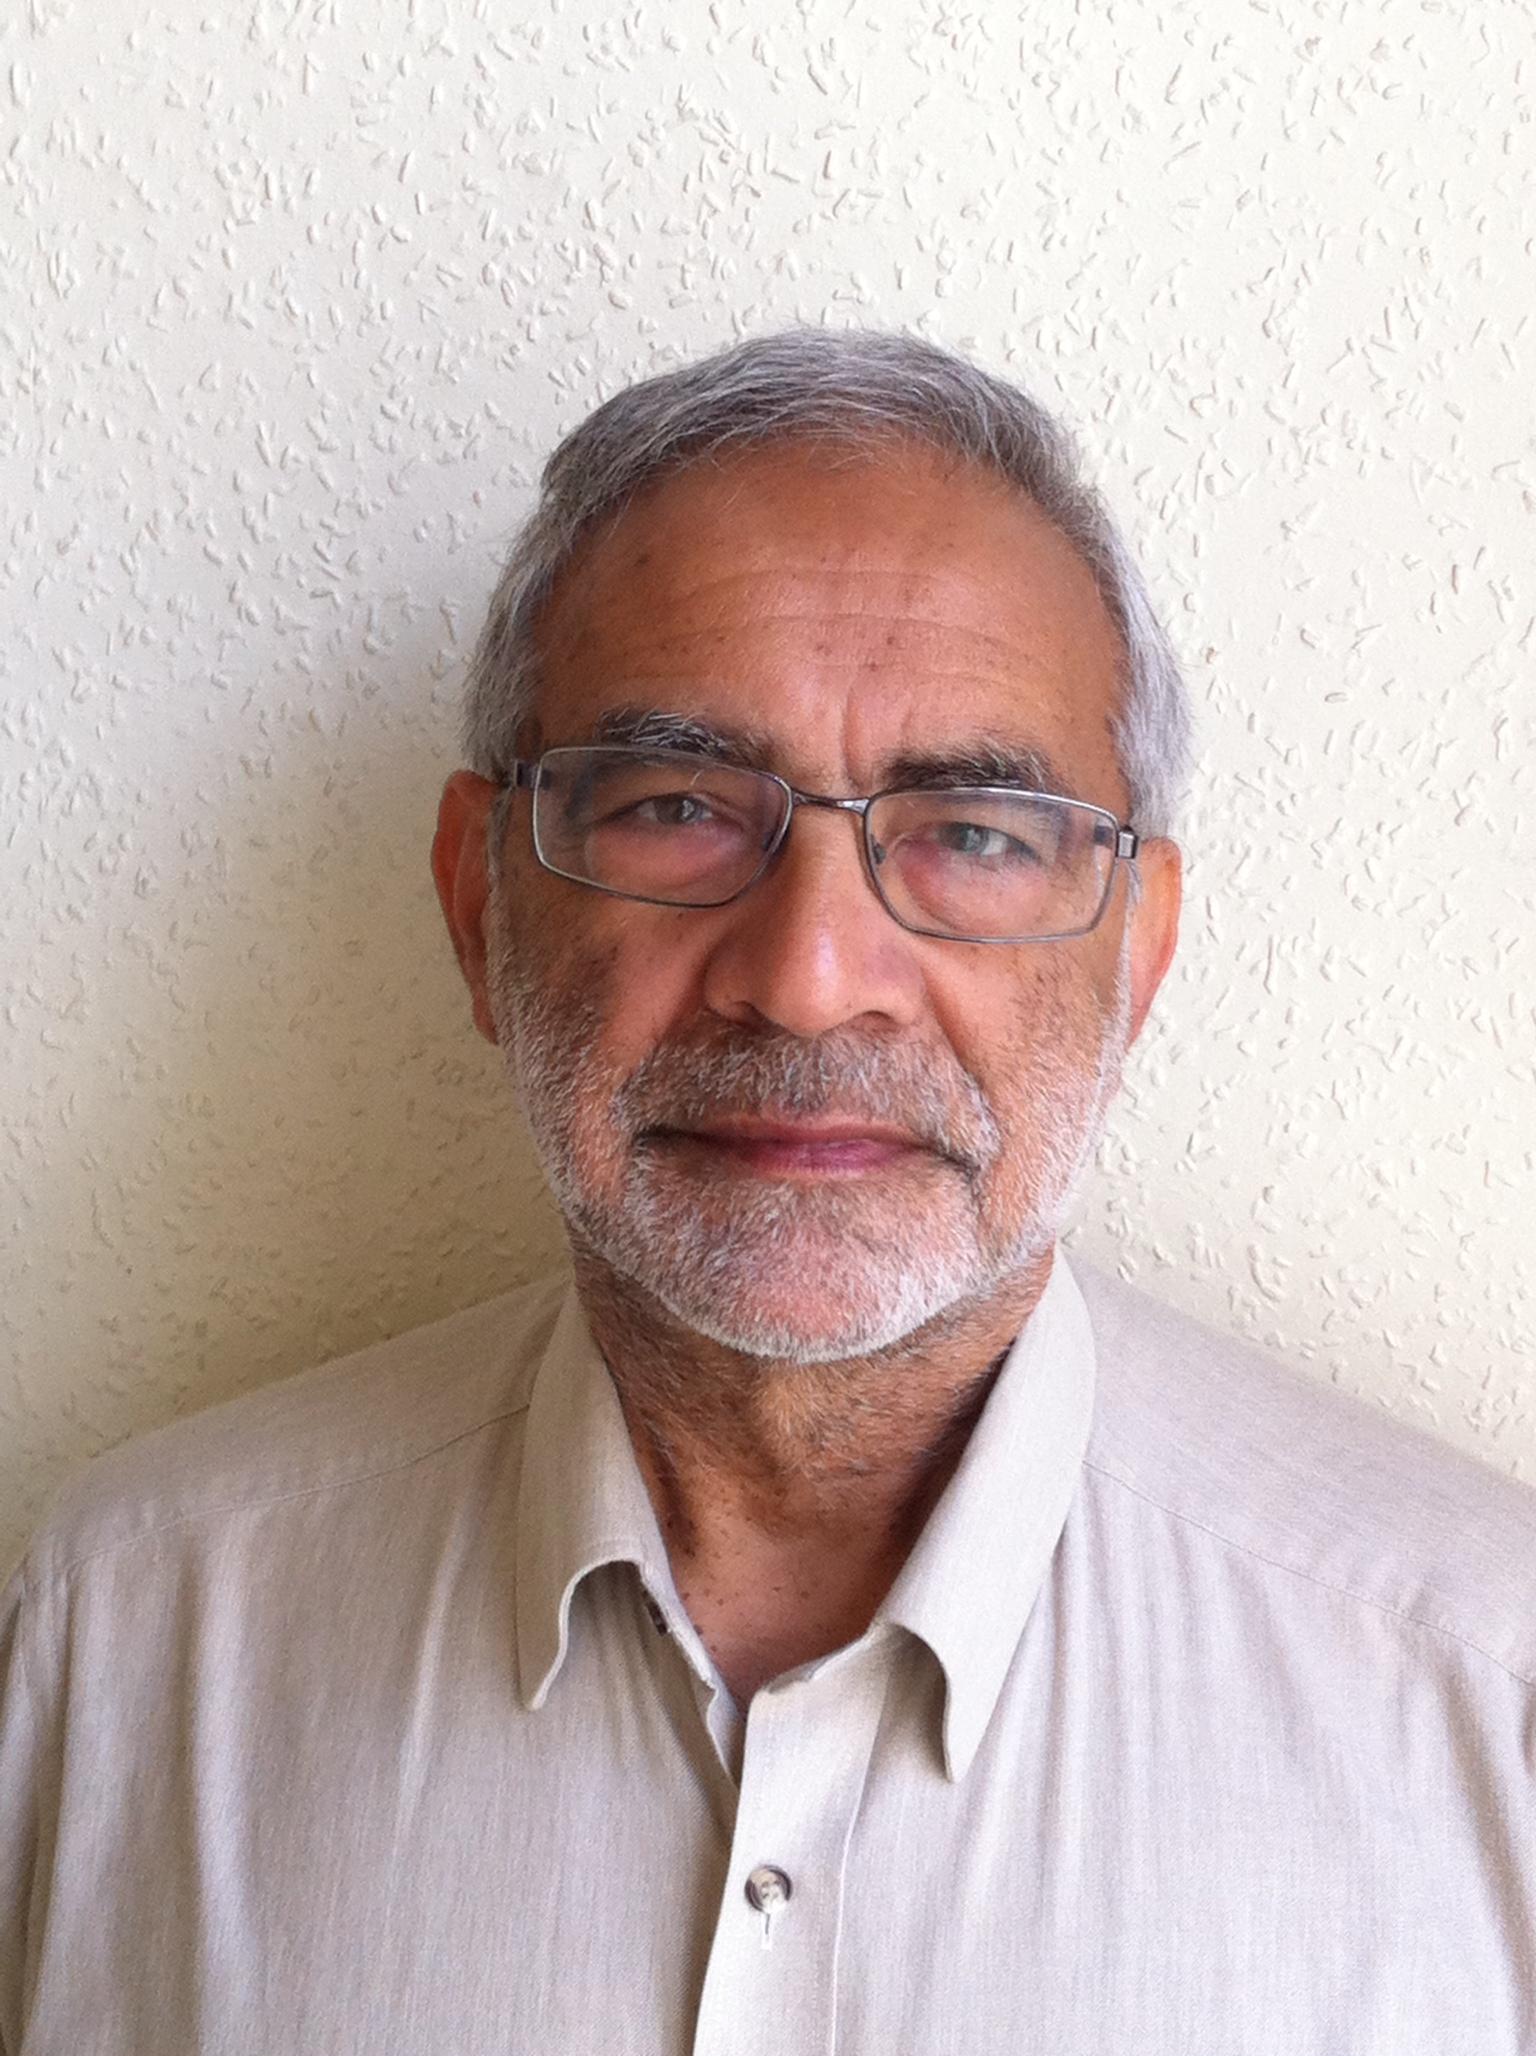 Ravi Khanna